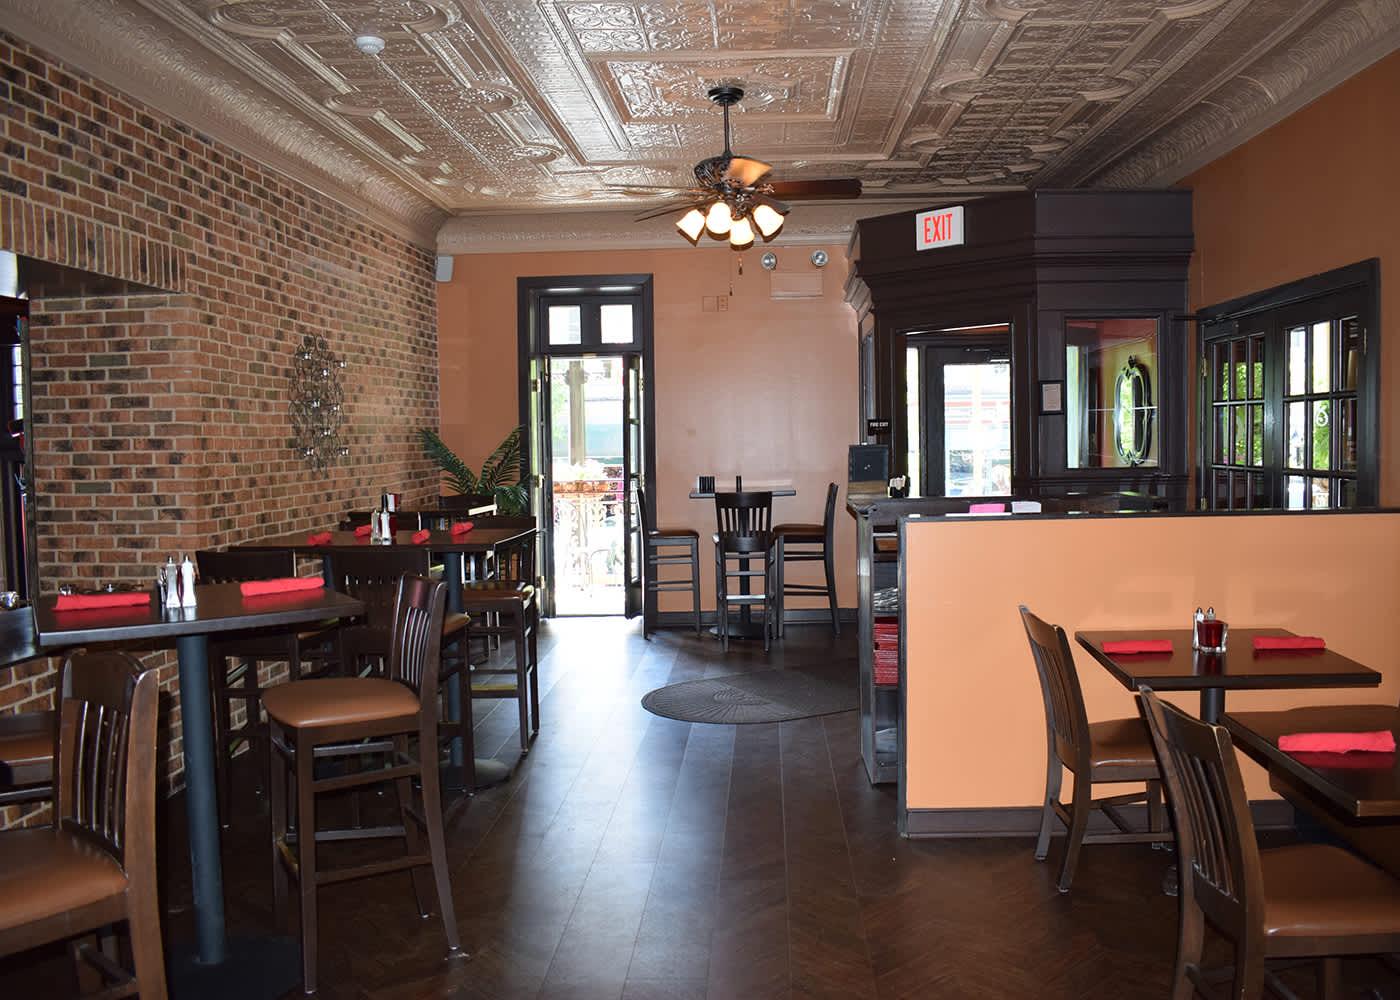 Broadway Grille Pub Jim Thorpe Pa